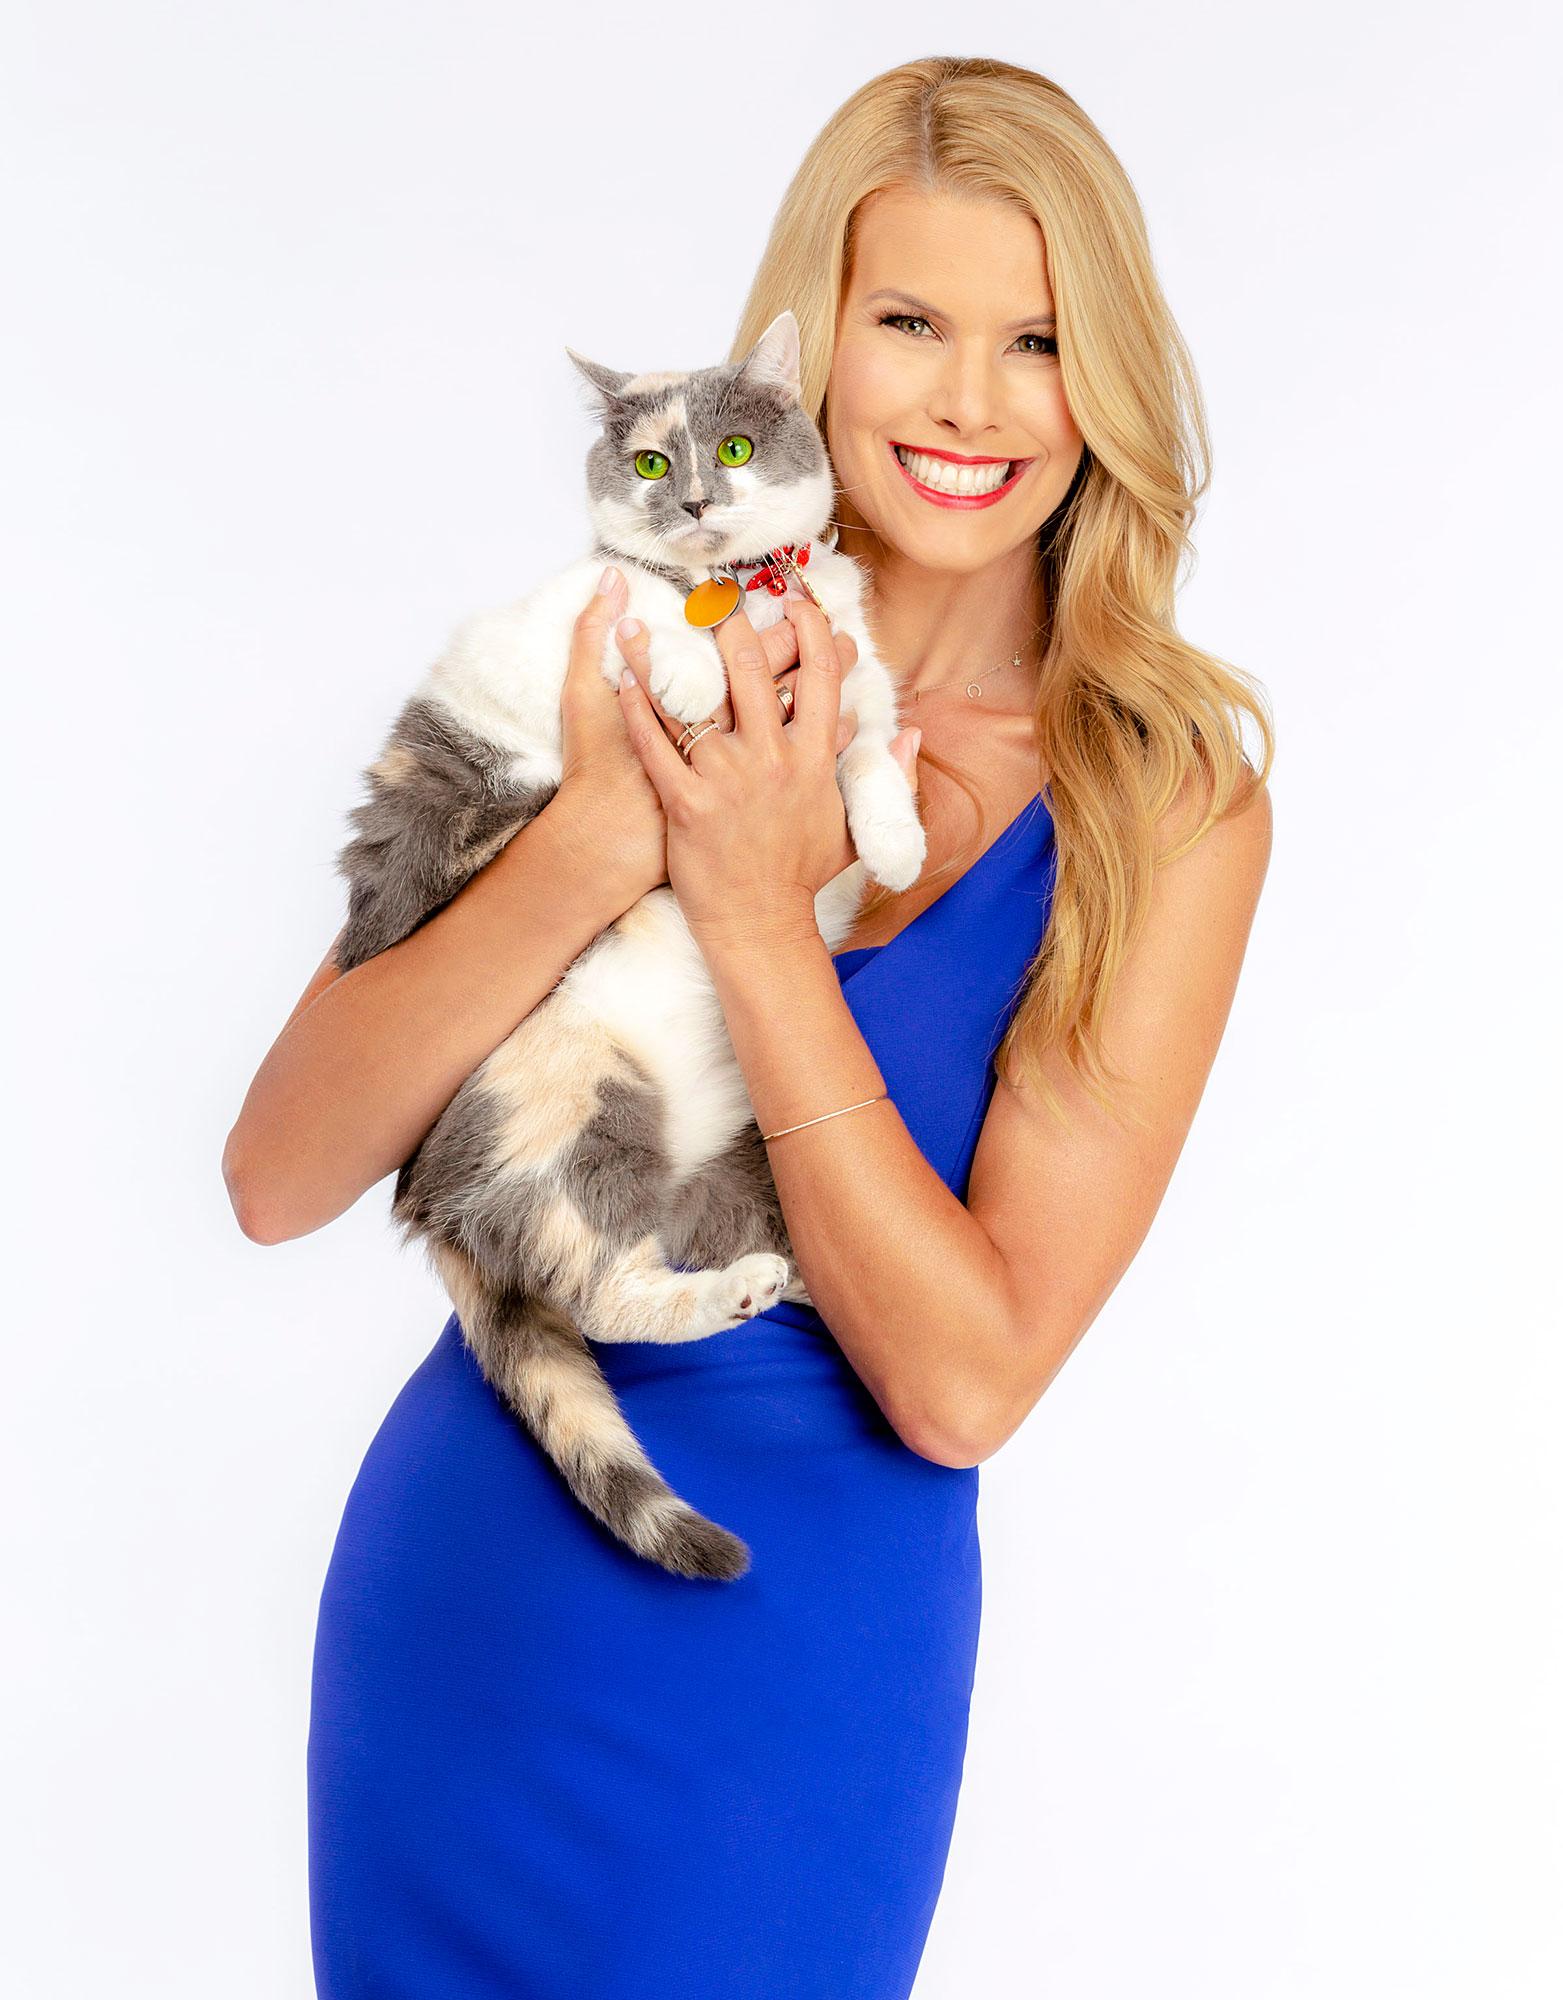 Beth Stern Kitten Bowl Secrets